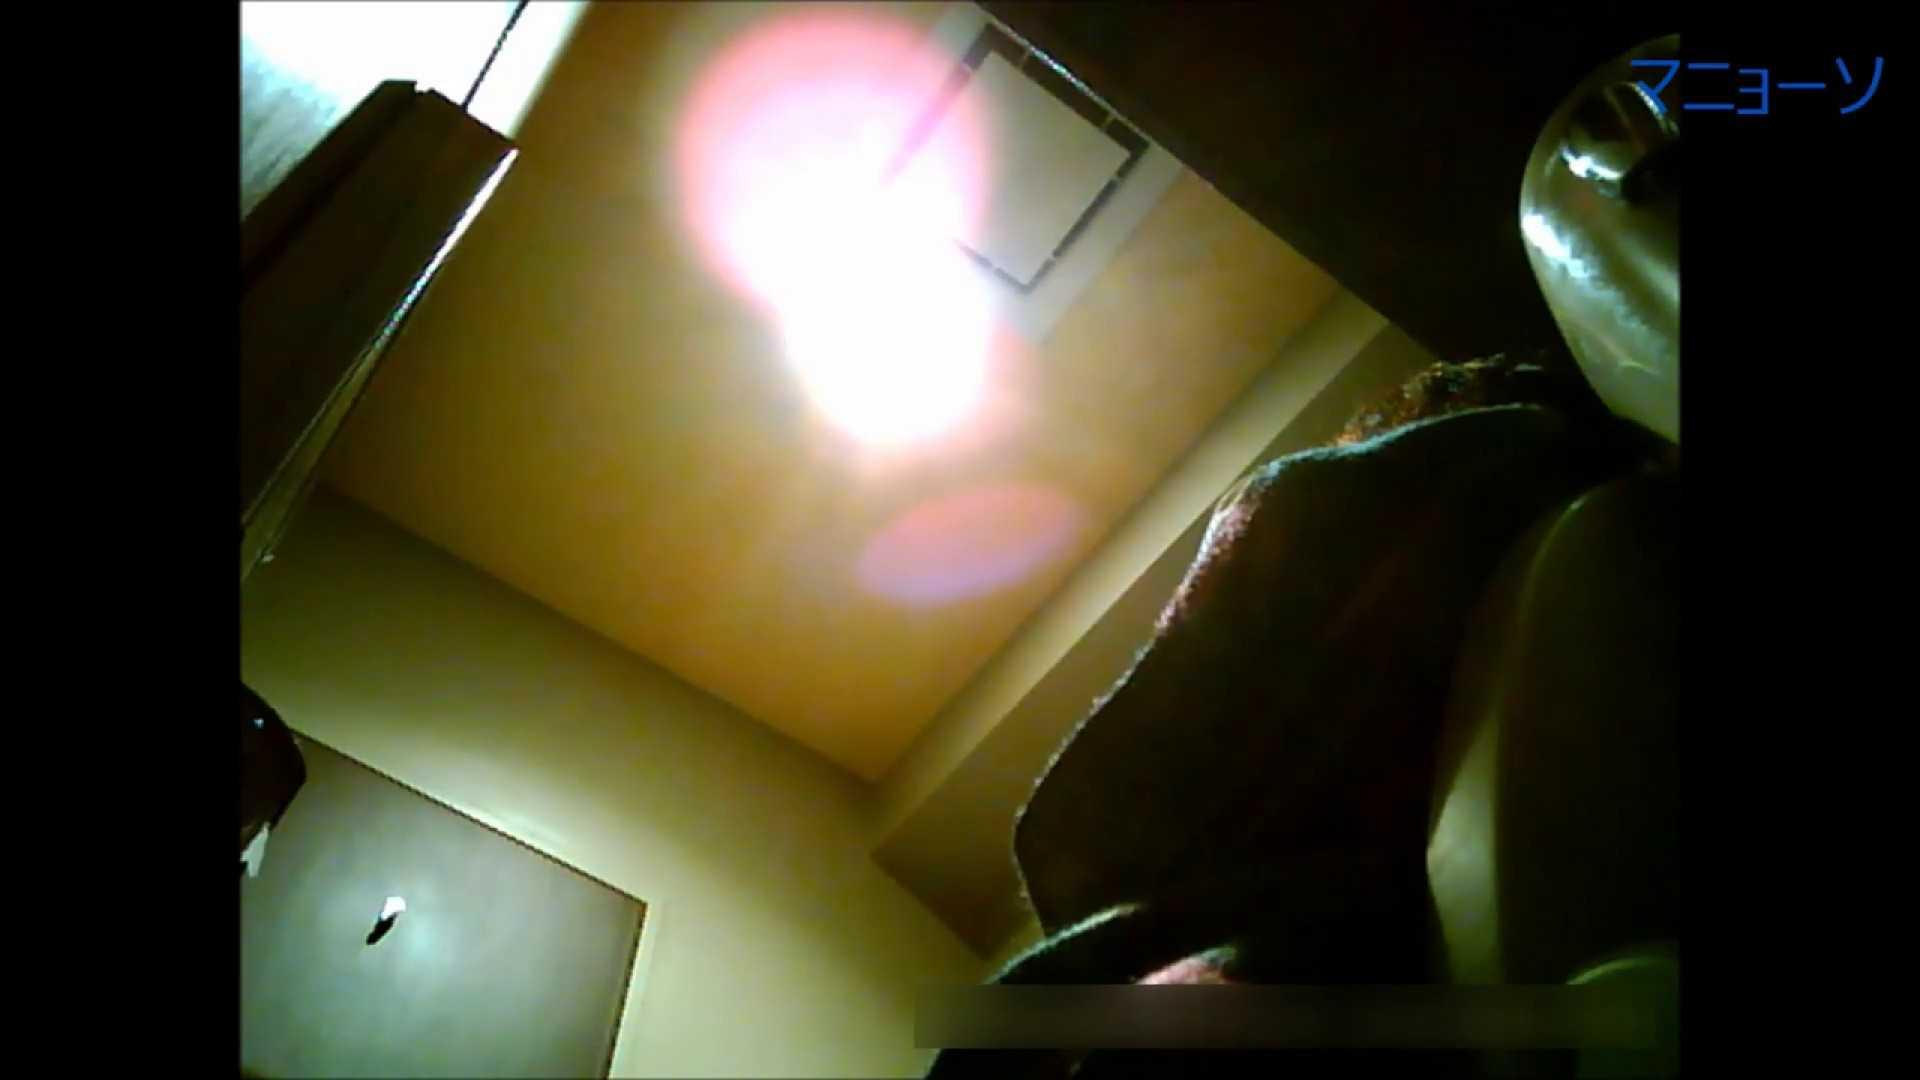 トイレでひと肌脱いでもらいました (JD編)Vol.02 トイレ | OLの実態  80pic 49